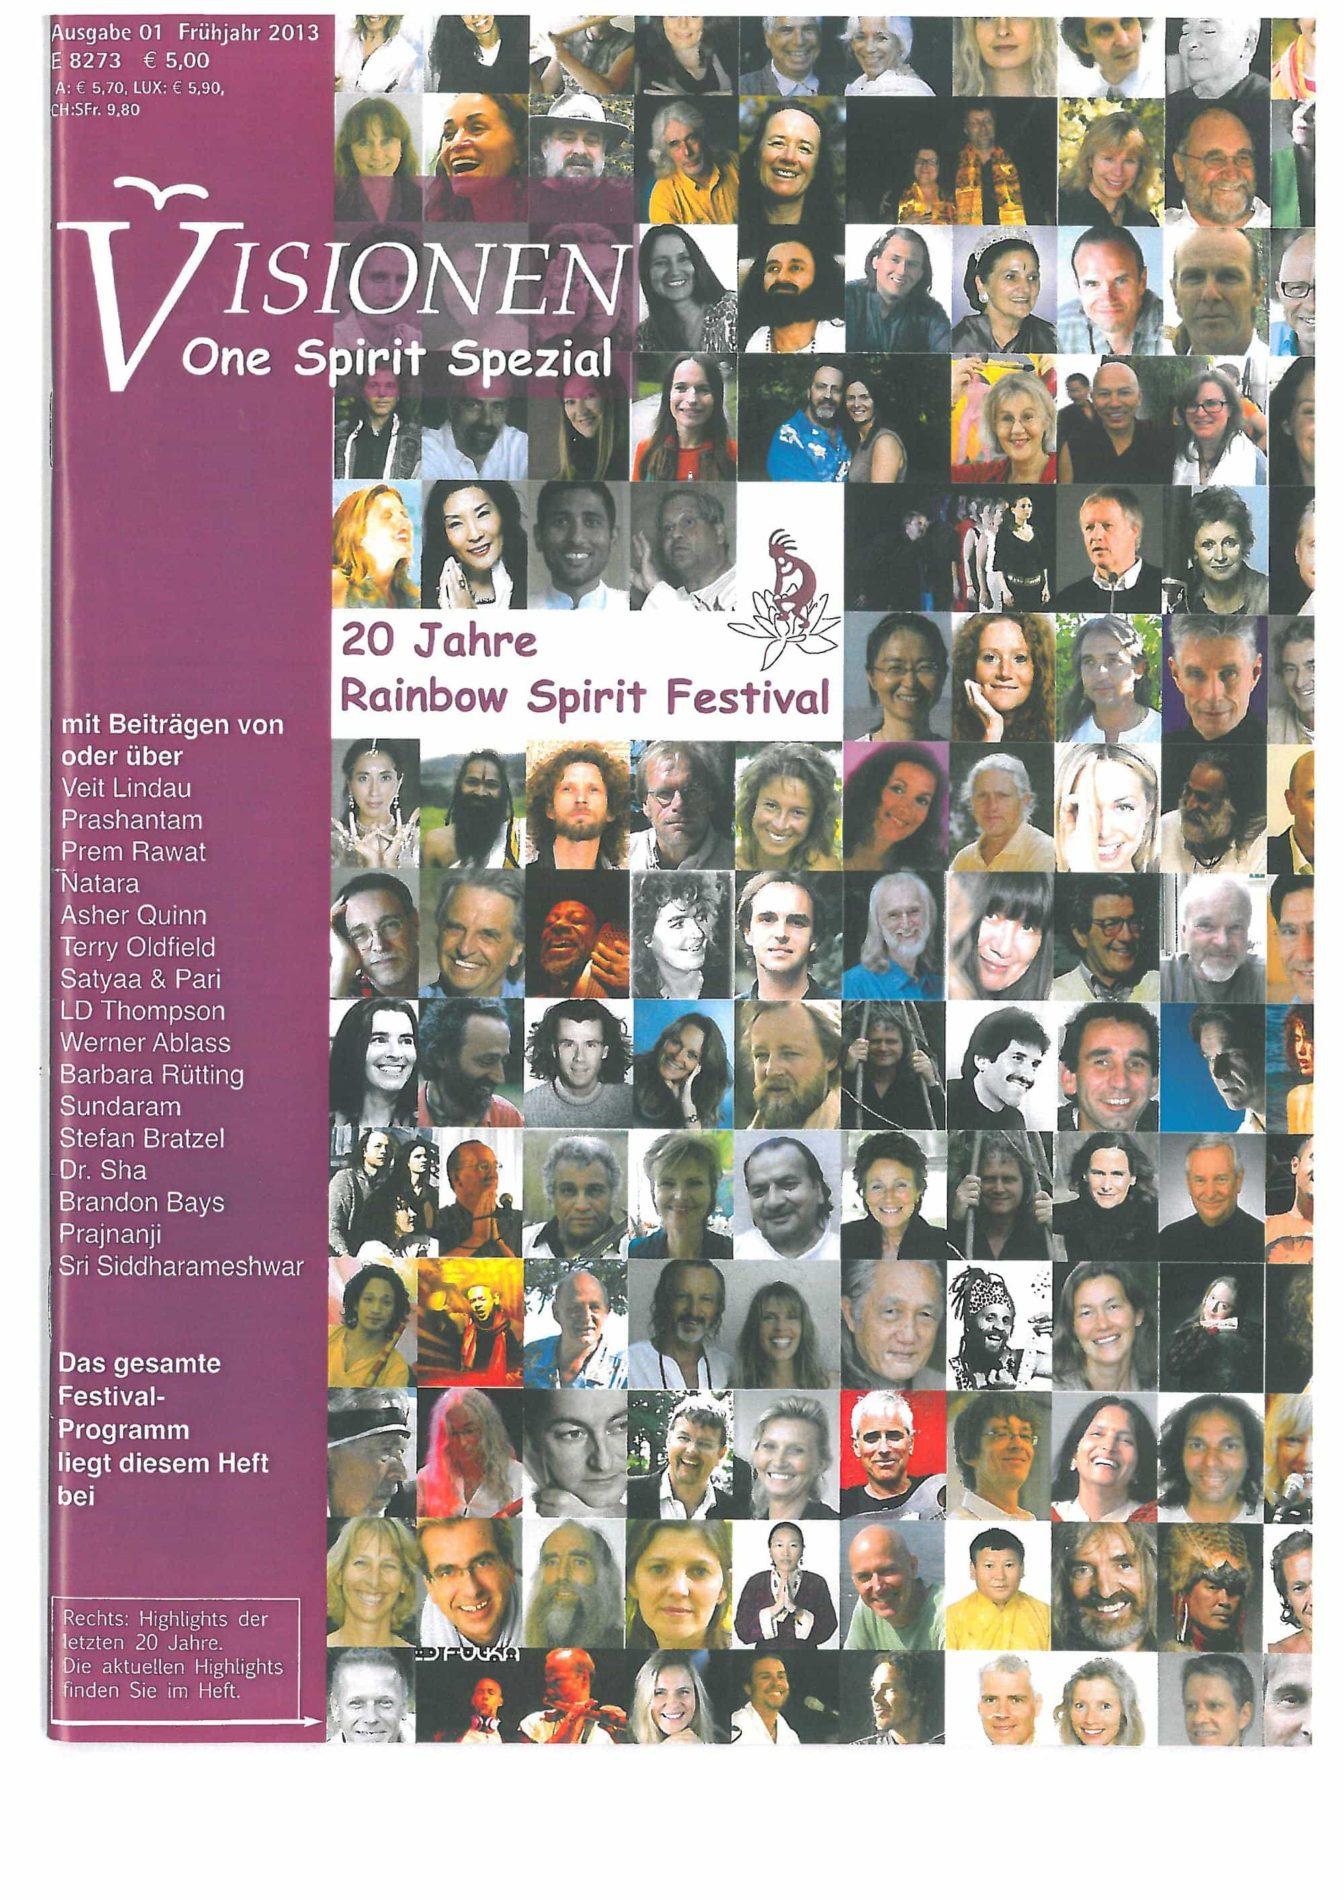 Visionen – One Spirit Special